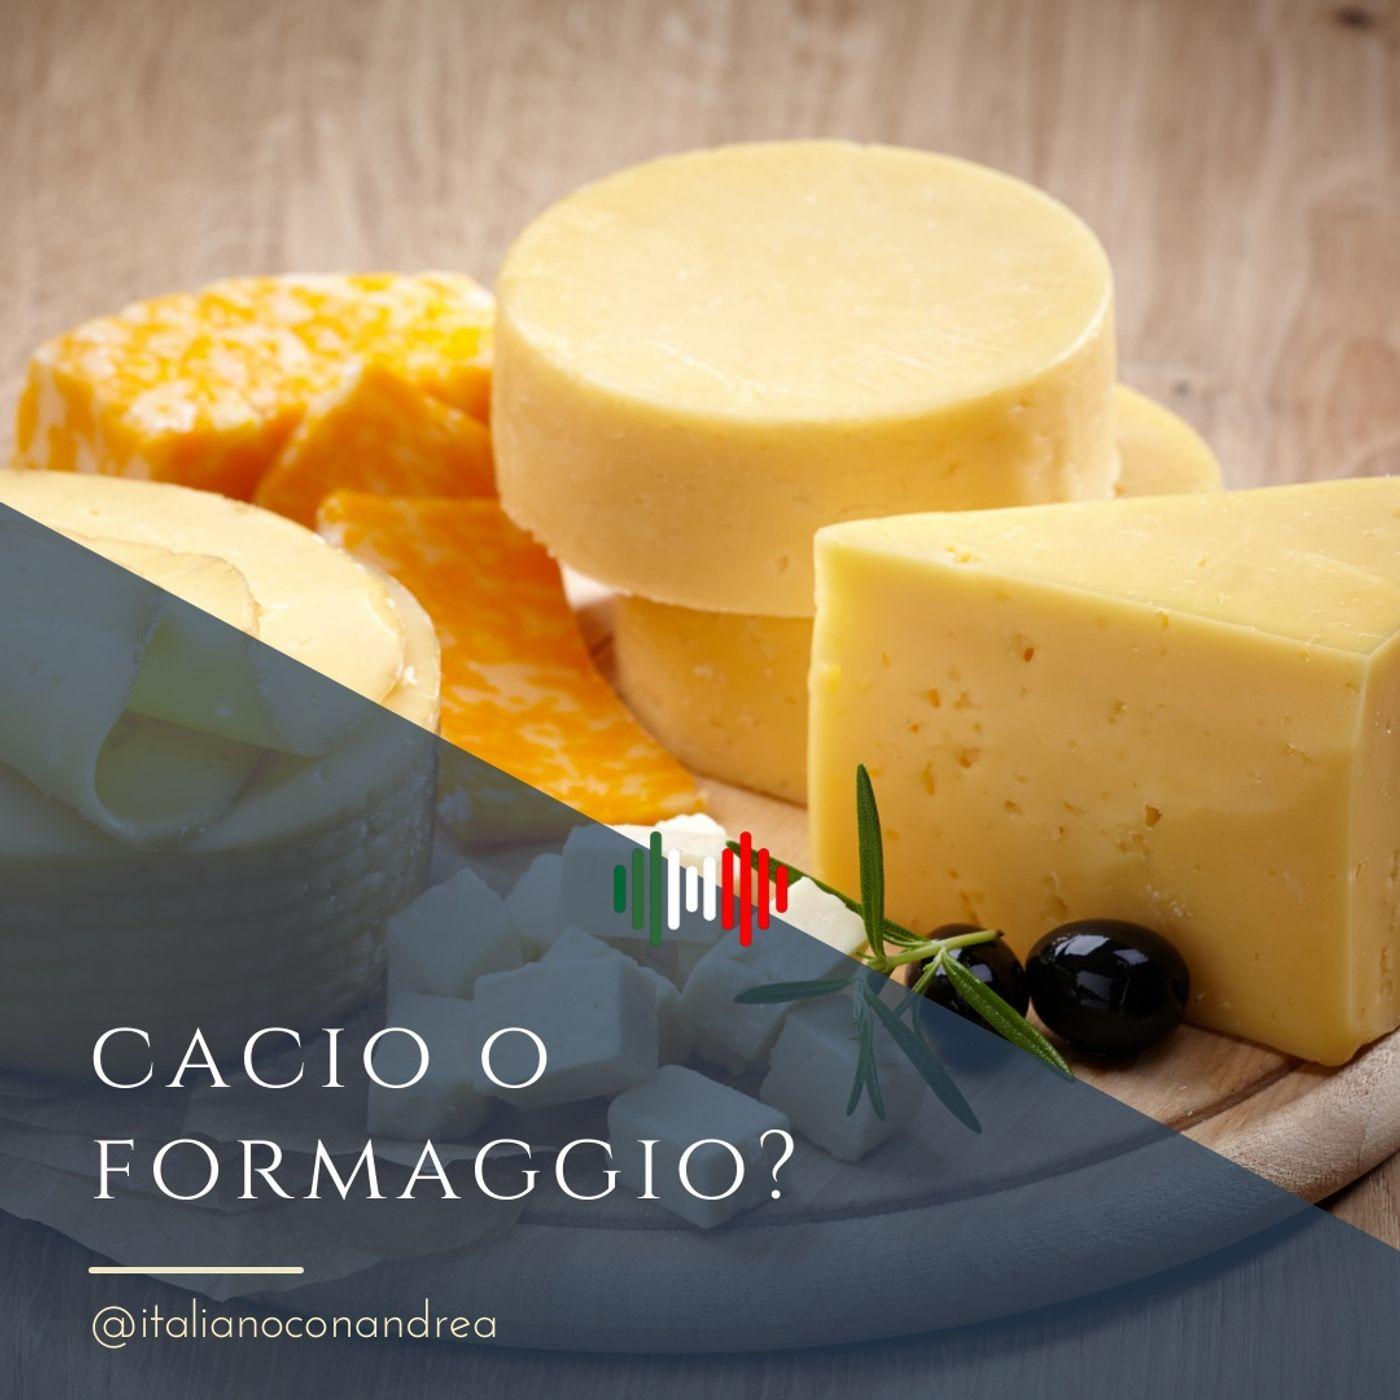 300. Q&A: Cacio o formaggio?